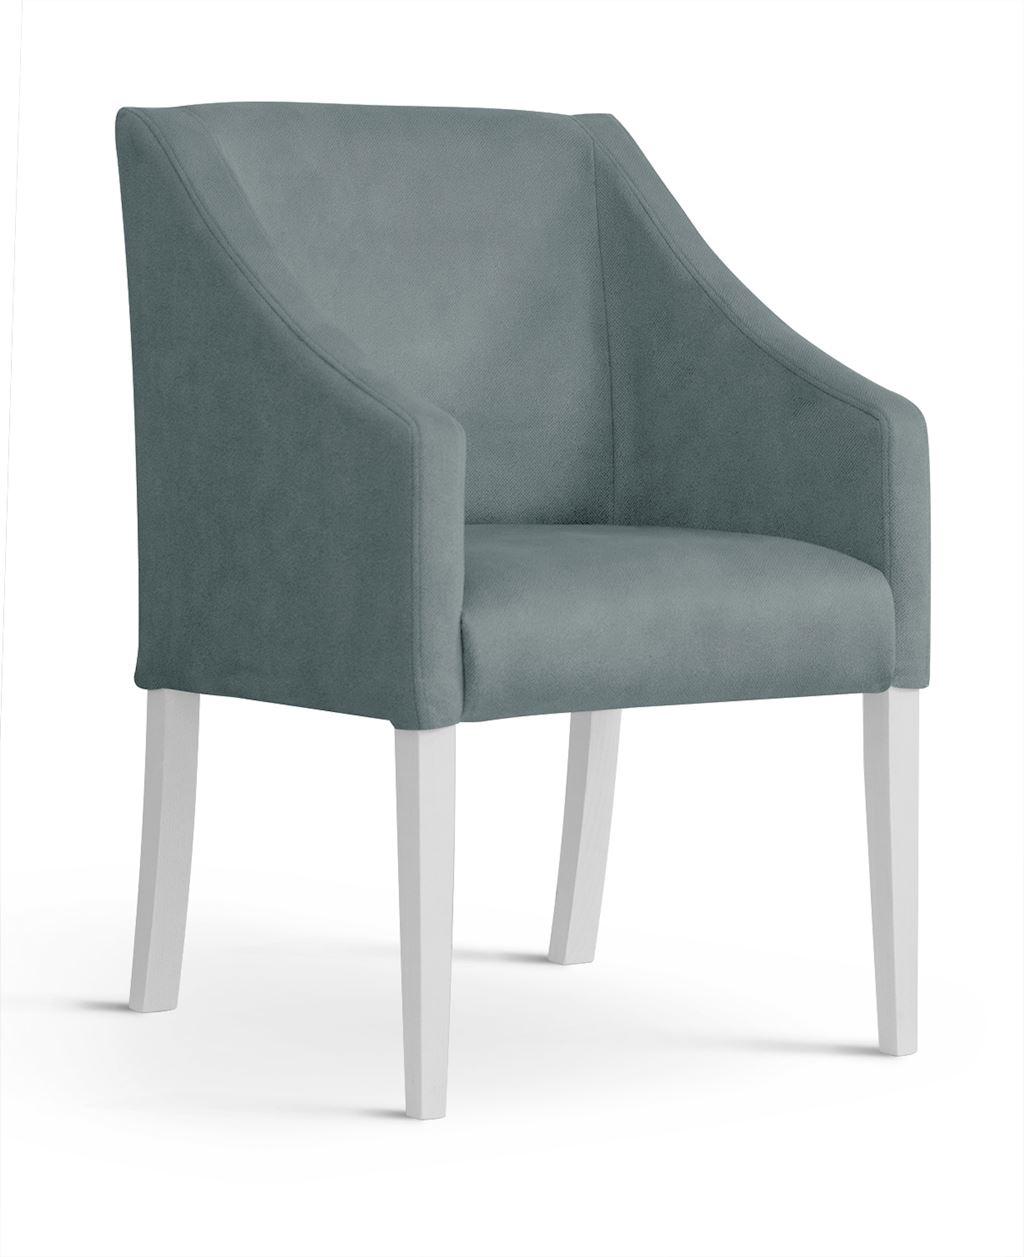 Fotoliu fix tapitat cu stofa, cu picioare din lemn Capri Grey / White, l58xA60xH89 cm imagine